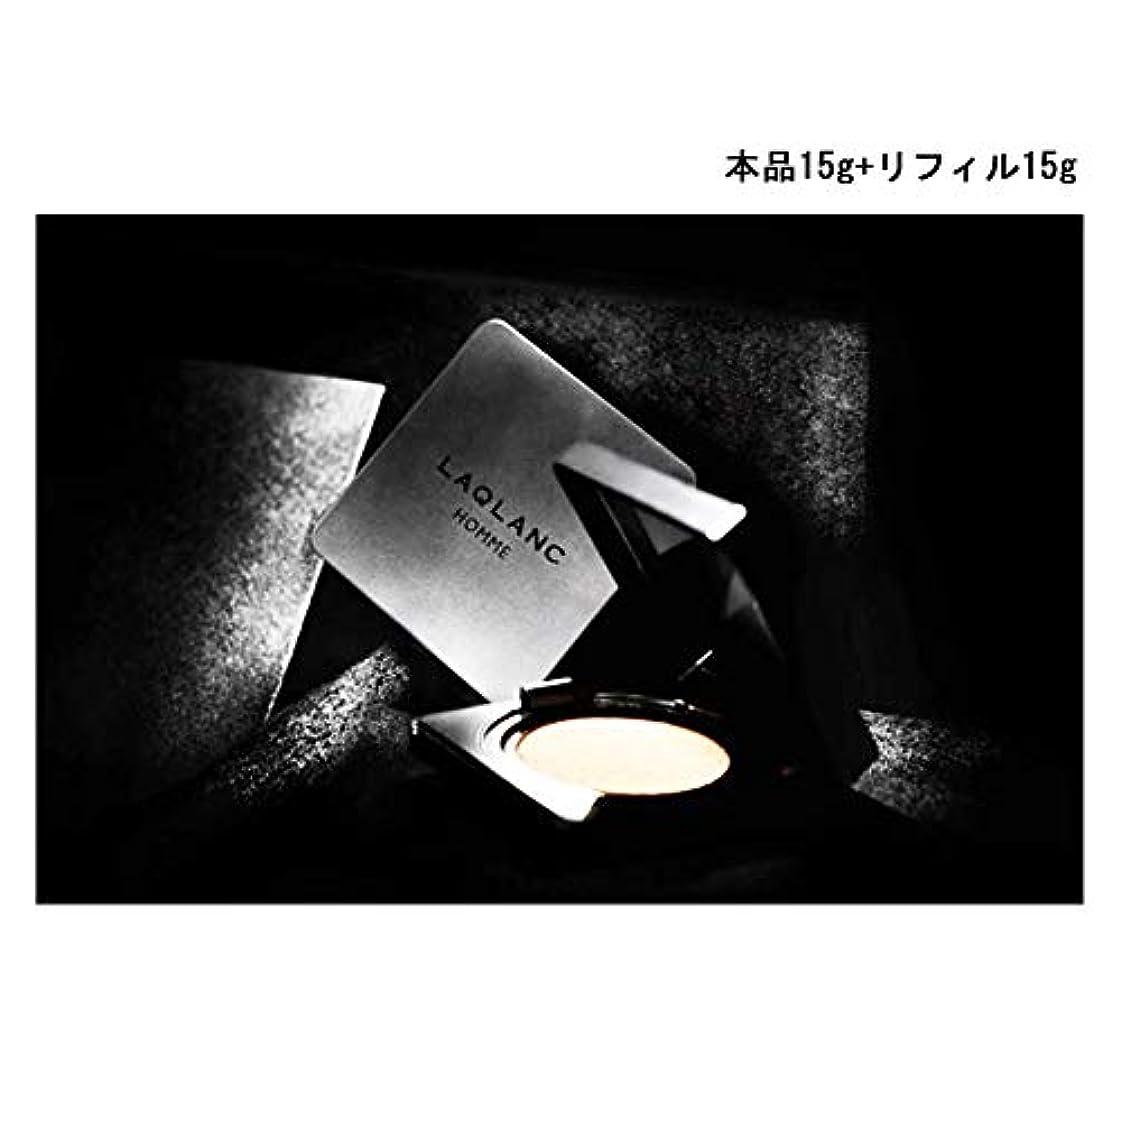 振る絶え間ないインディカ(Laqlanc)大人気 10秒完成 ナチュラル 肌色アップ 紫外線遮断 ホワイトニング 男性 エアクッション 15g +リフィル 15g [海外配送品] [並行輸入品]